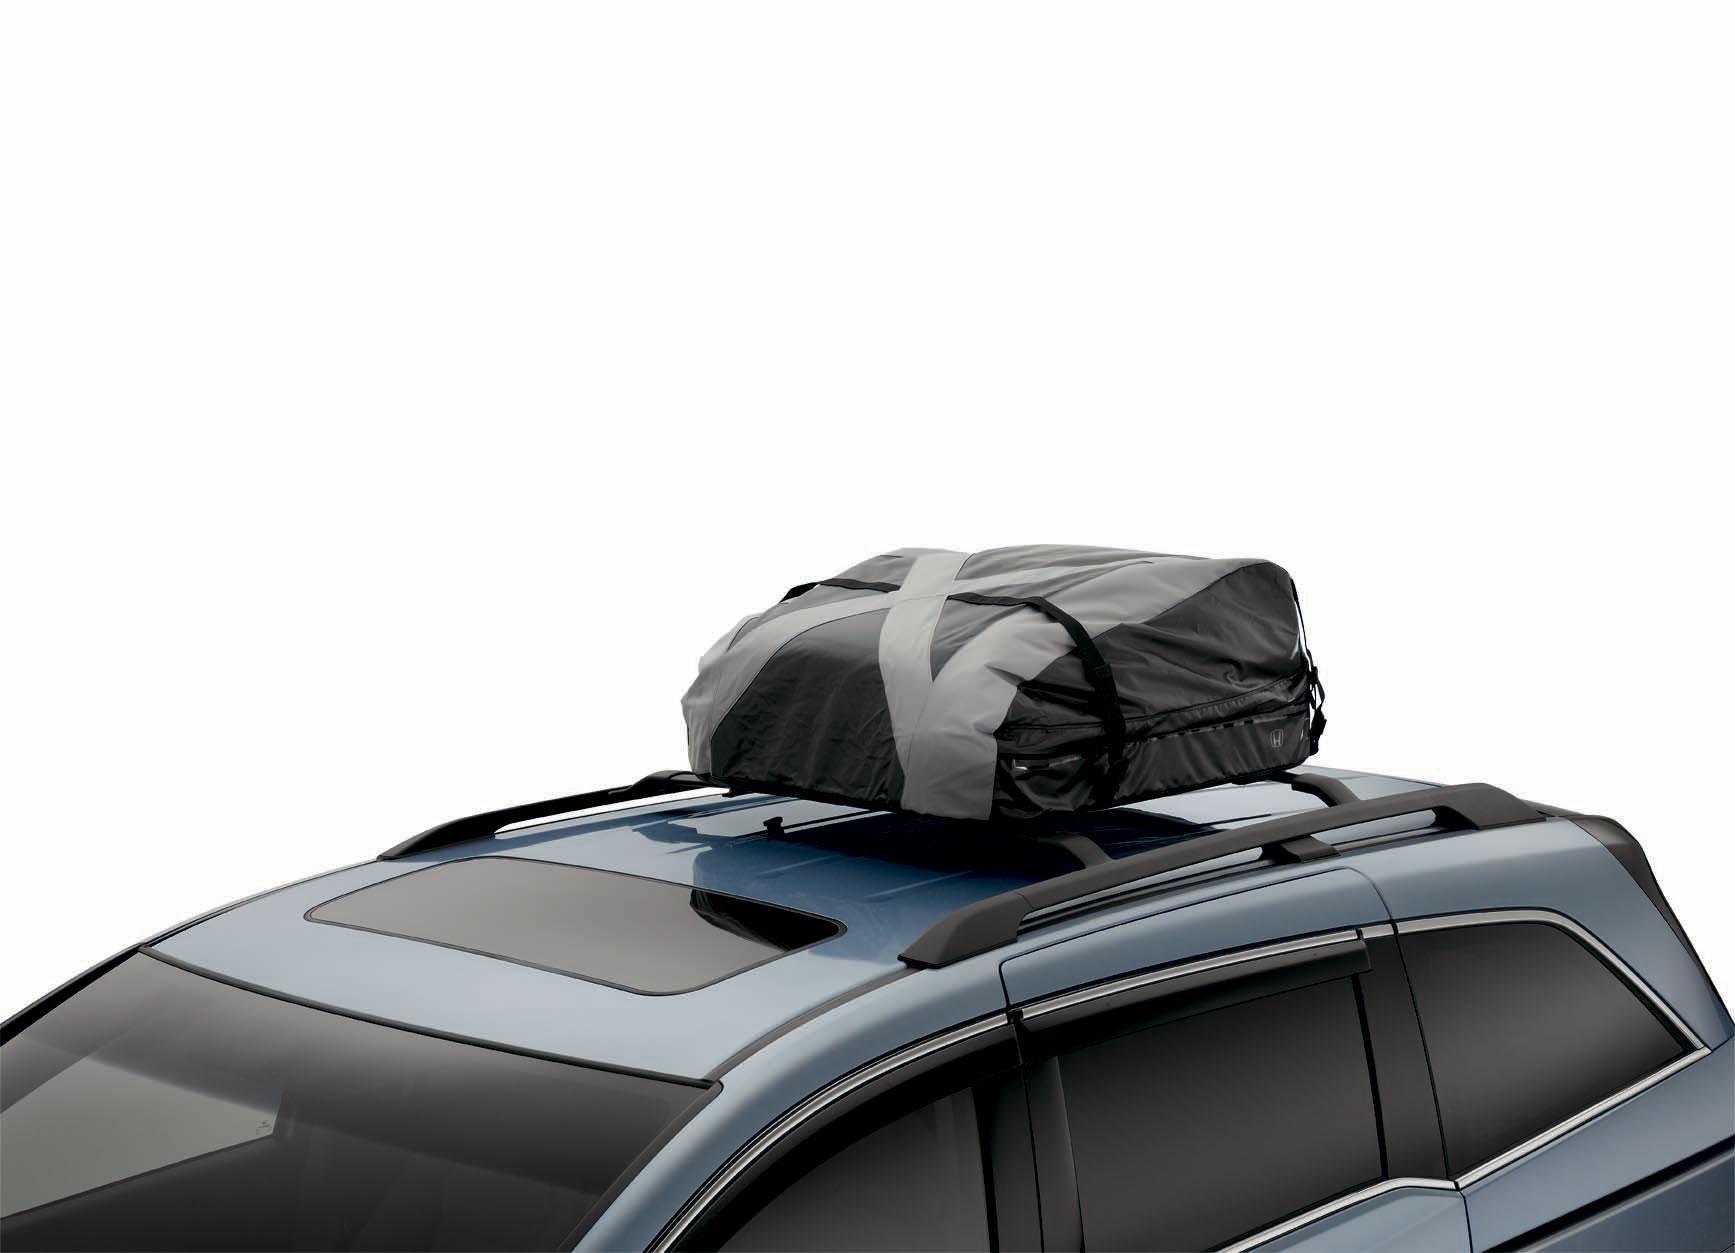 Soft Cargo Bag Odyssey 08l20 E09 100 310 95